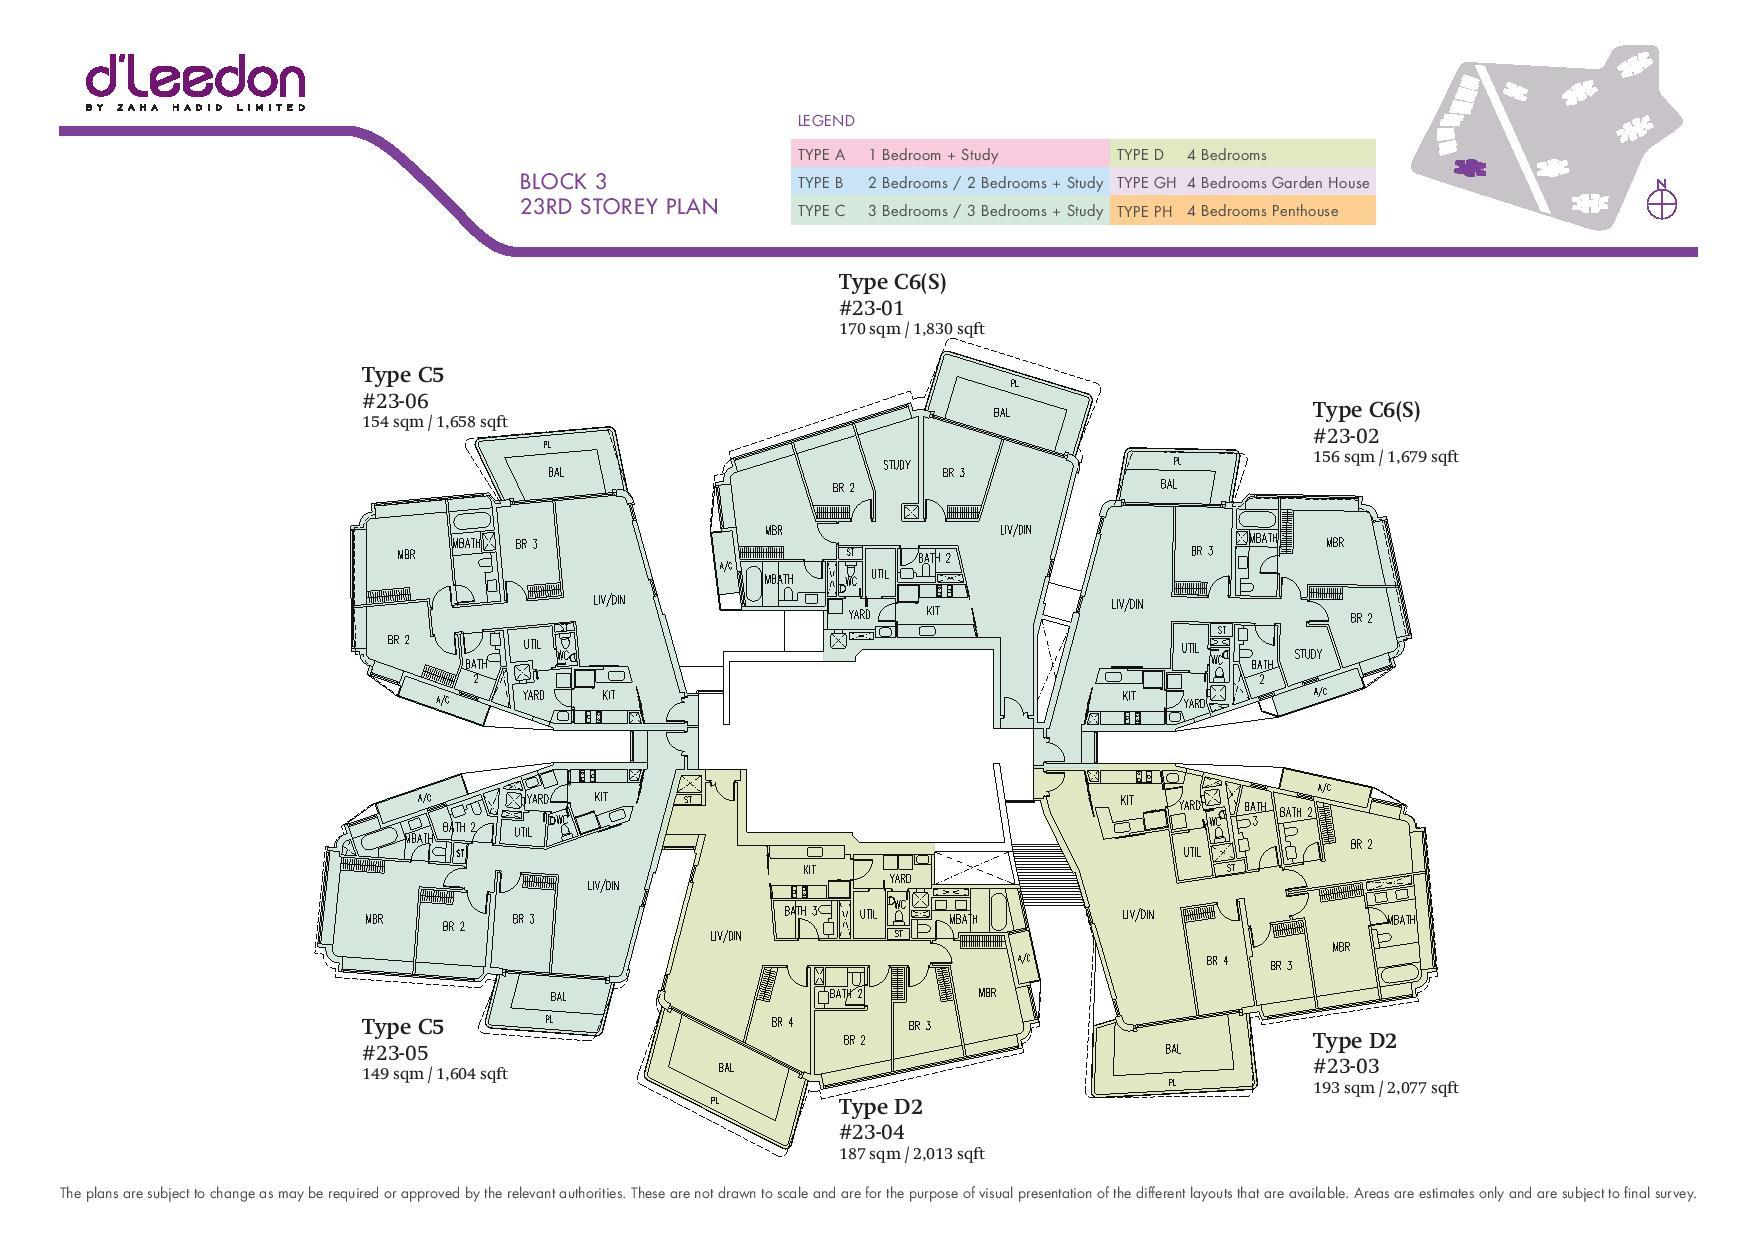 D'Leedon Block 23rd Storey Floor Plans